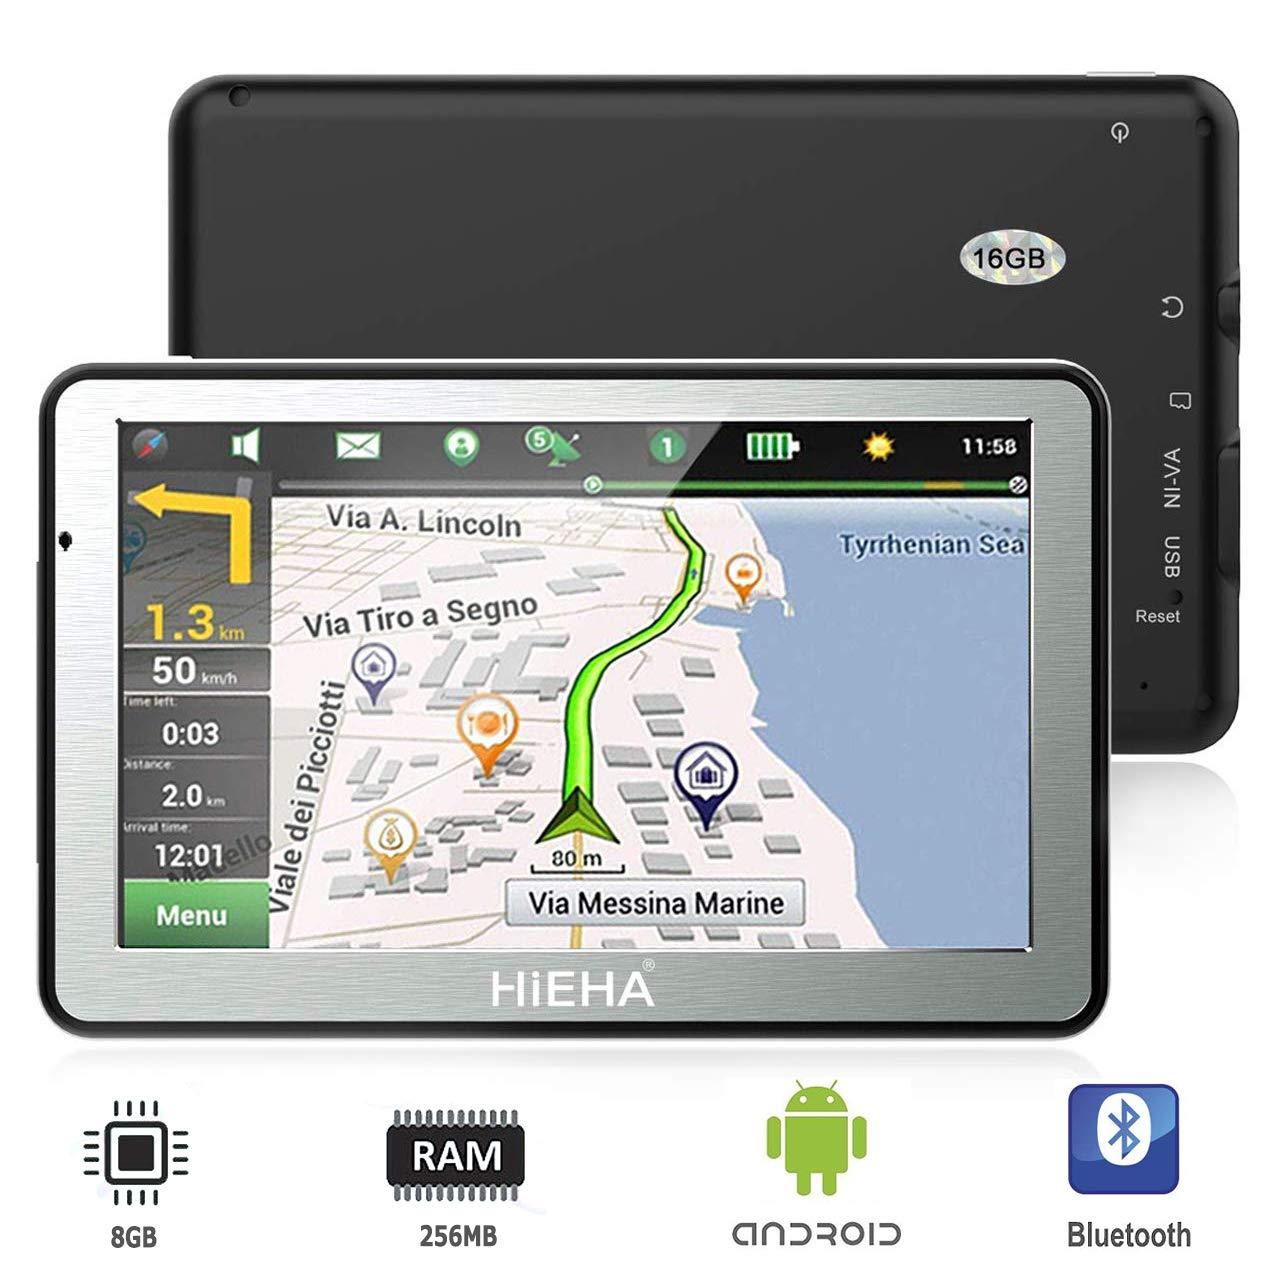 PONERLE GPS BARATO A TU COCHE AMAZON